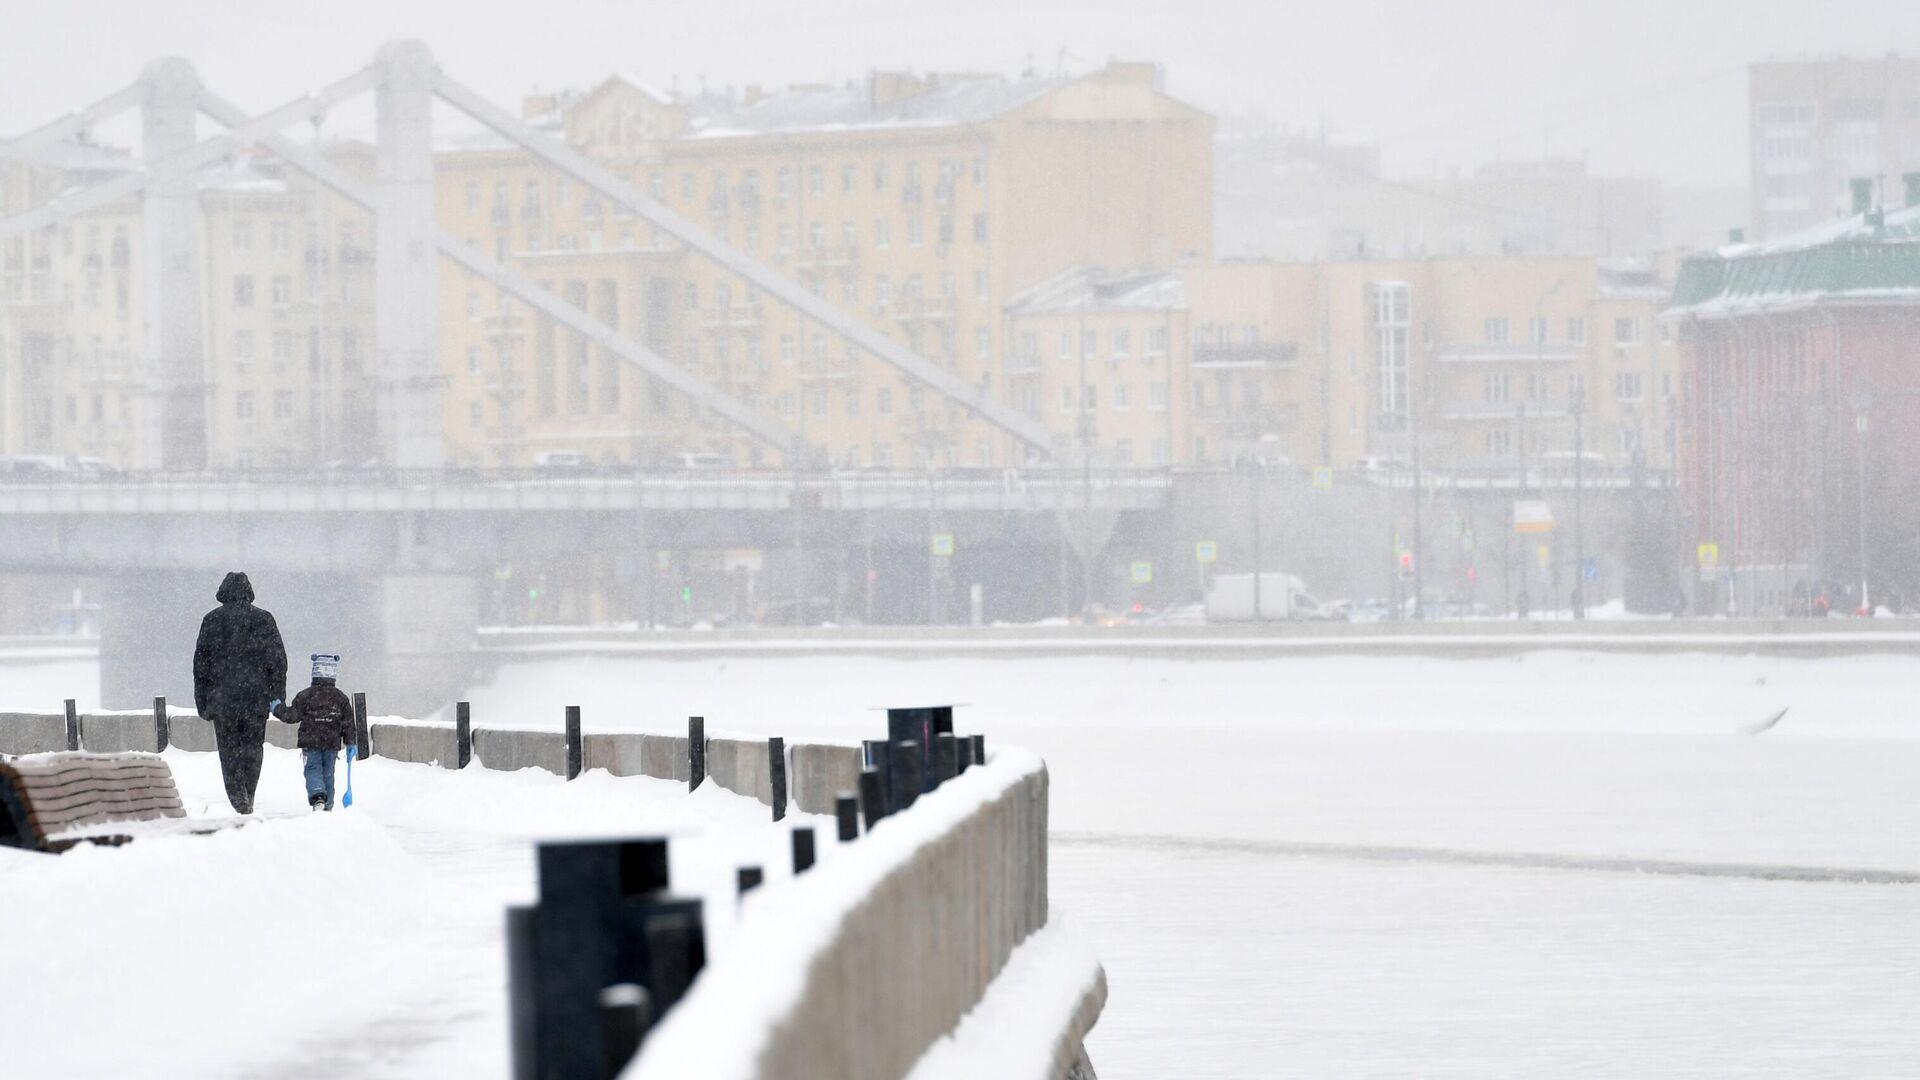 Снегопад в Москве - РИА Новости, 1920, 06.03.2021